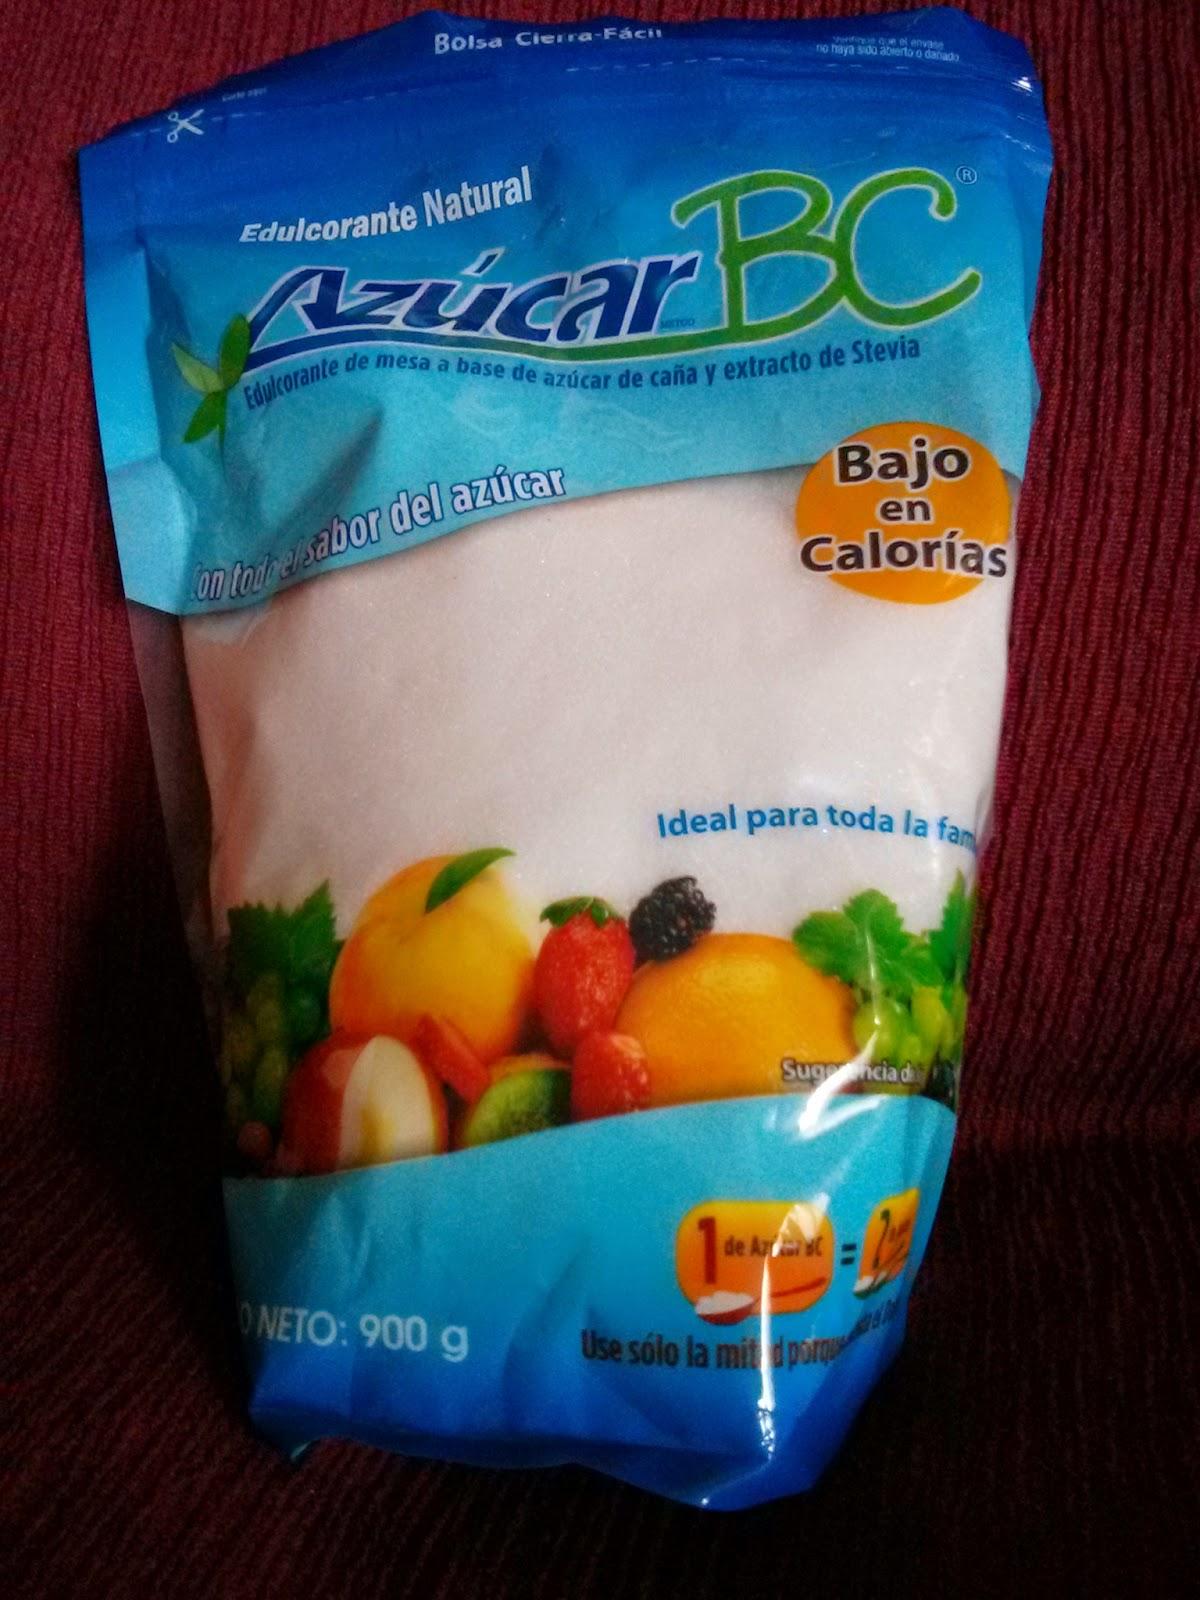 Azúcar BC